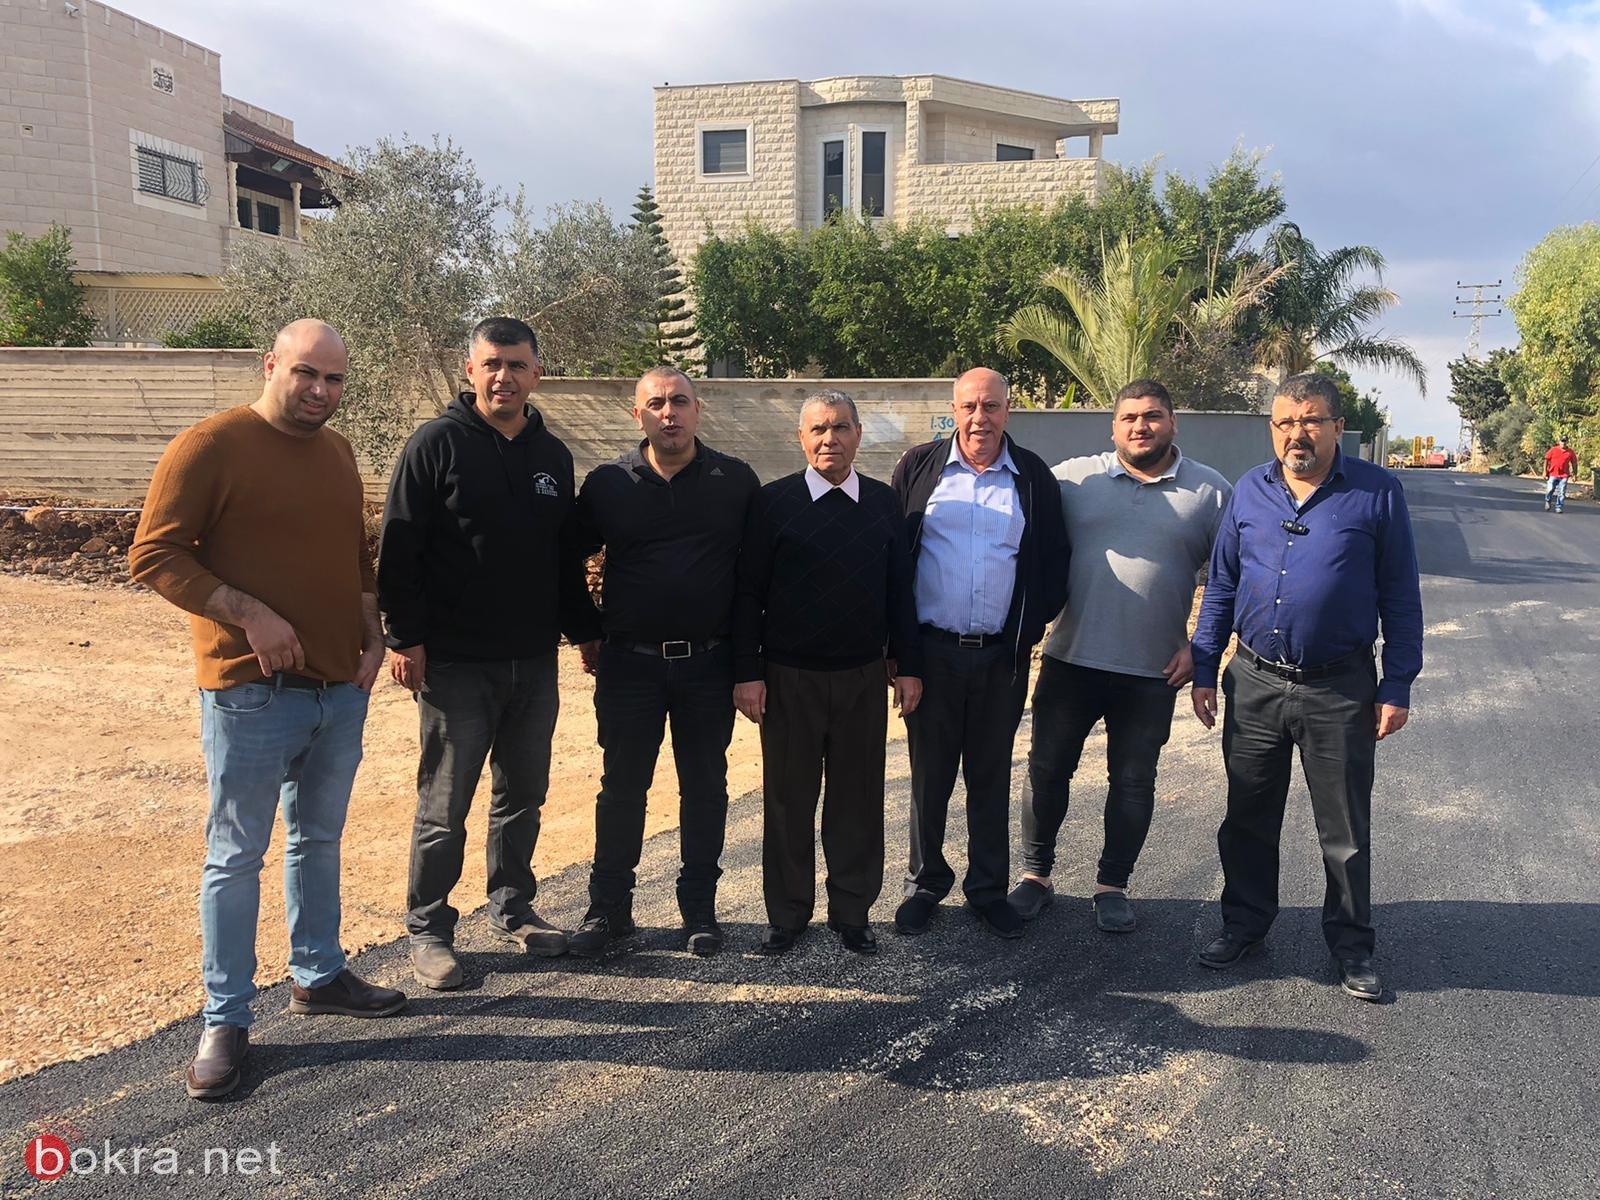 المجلس الأقليمي بستان المرج يقوم بأعمال ترميم وتطوير في قرية الدحي -7